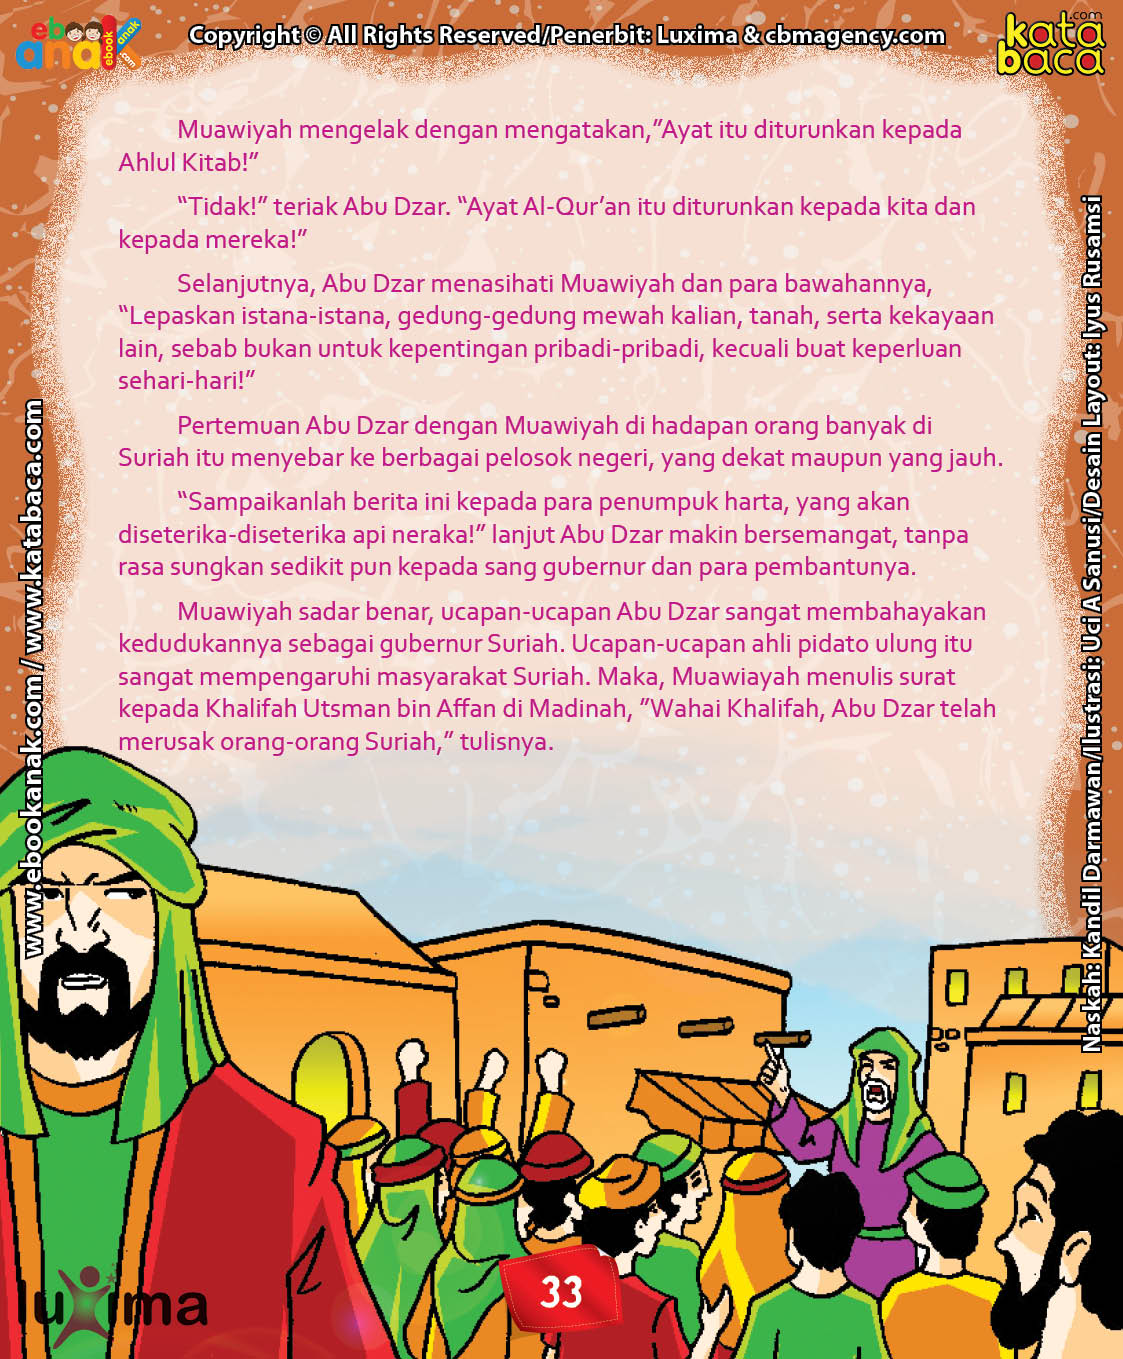 Download Ebook Abu Dzar Al Ghifari, Surat Apa yang Ditulis Muawiyah kepada Utsman bin Affan